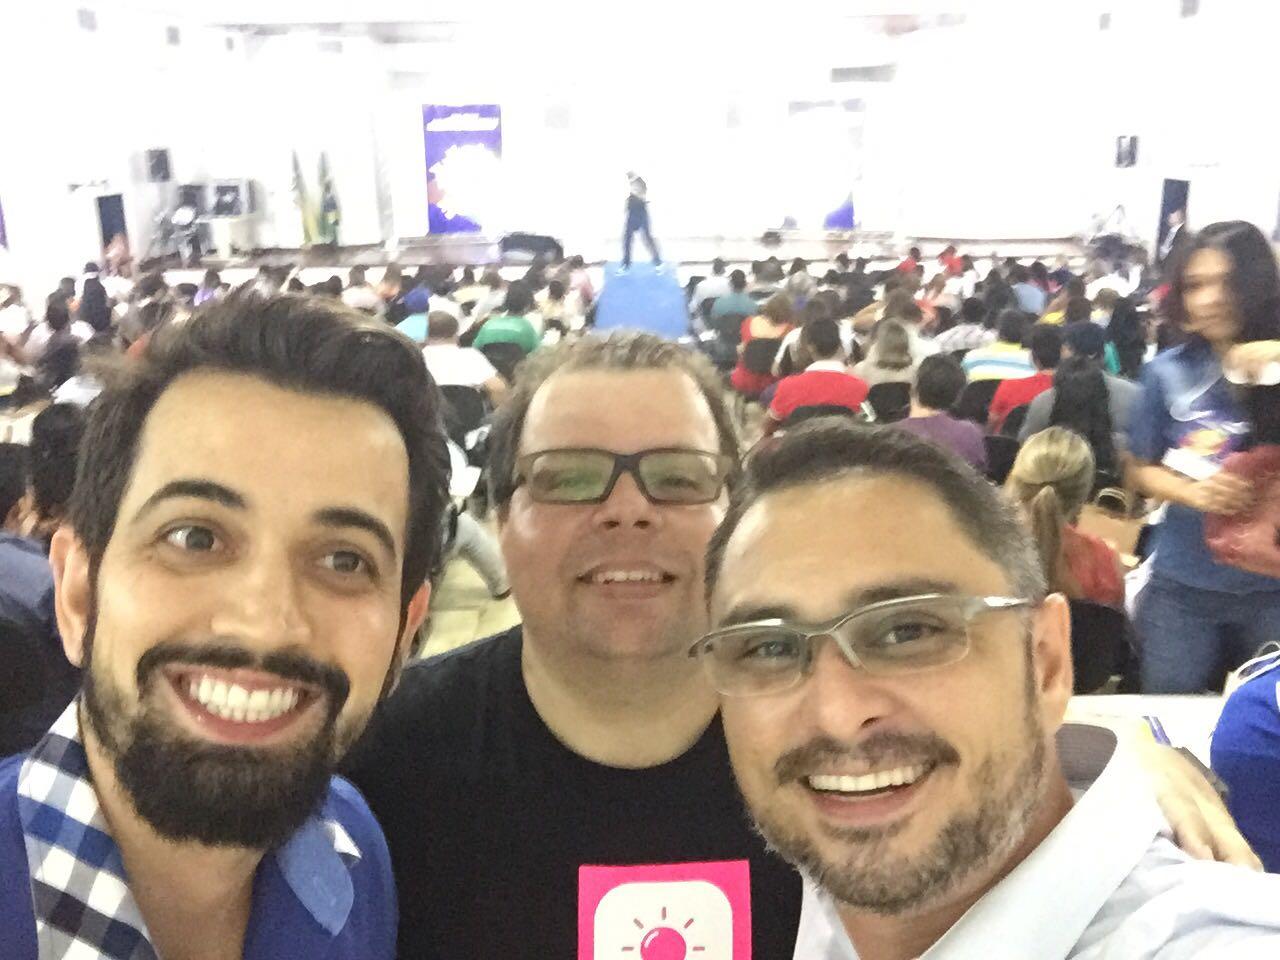 Enquanto eu (Leandro Branquinho) estava no palco, os palestrantes Fred, Emerson e Bruno fizeram esta selfie